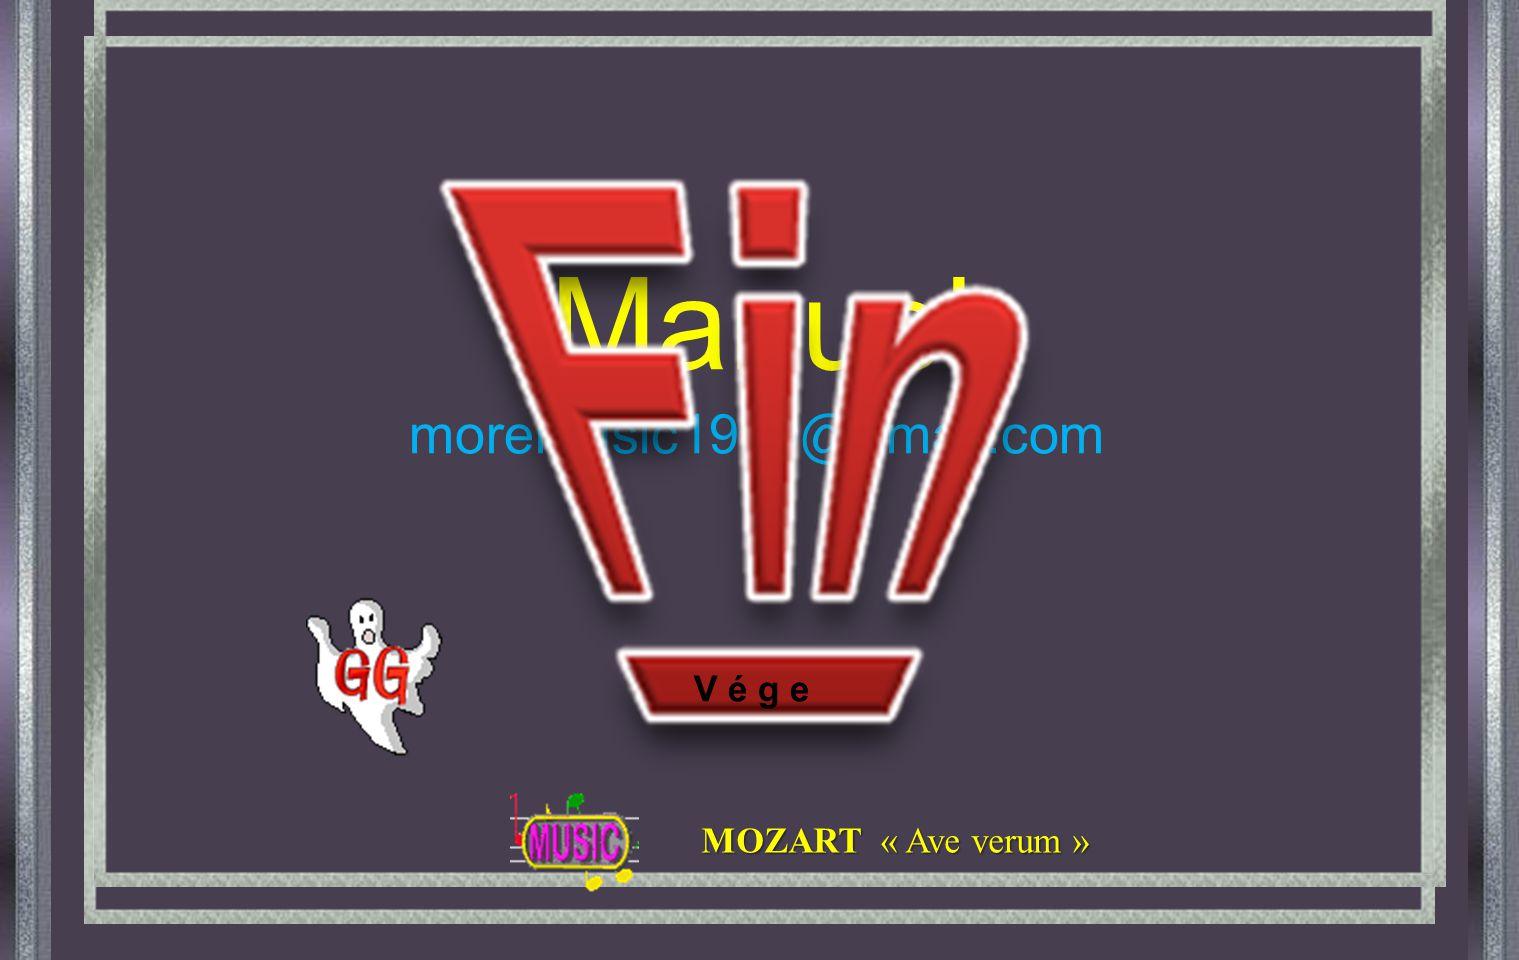 Manuel moremusic1939@gmail.com V é g e MOZART « Ave verum »